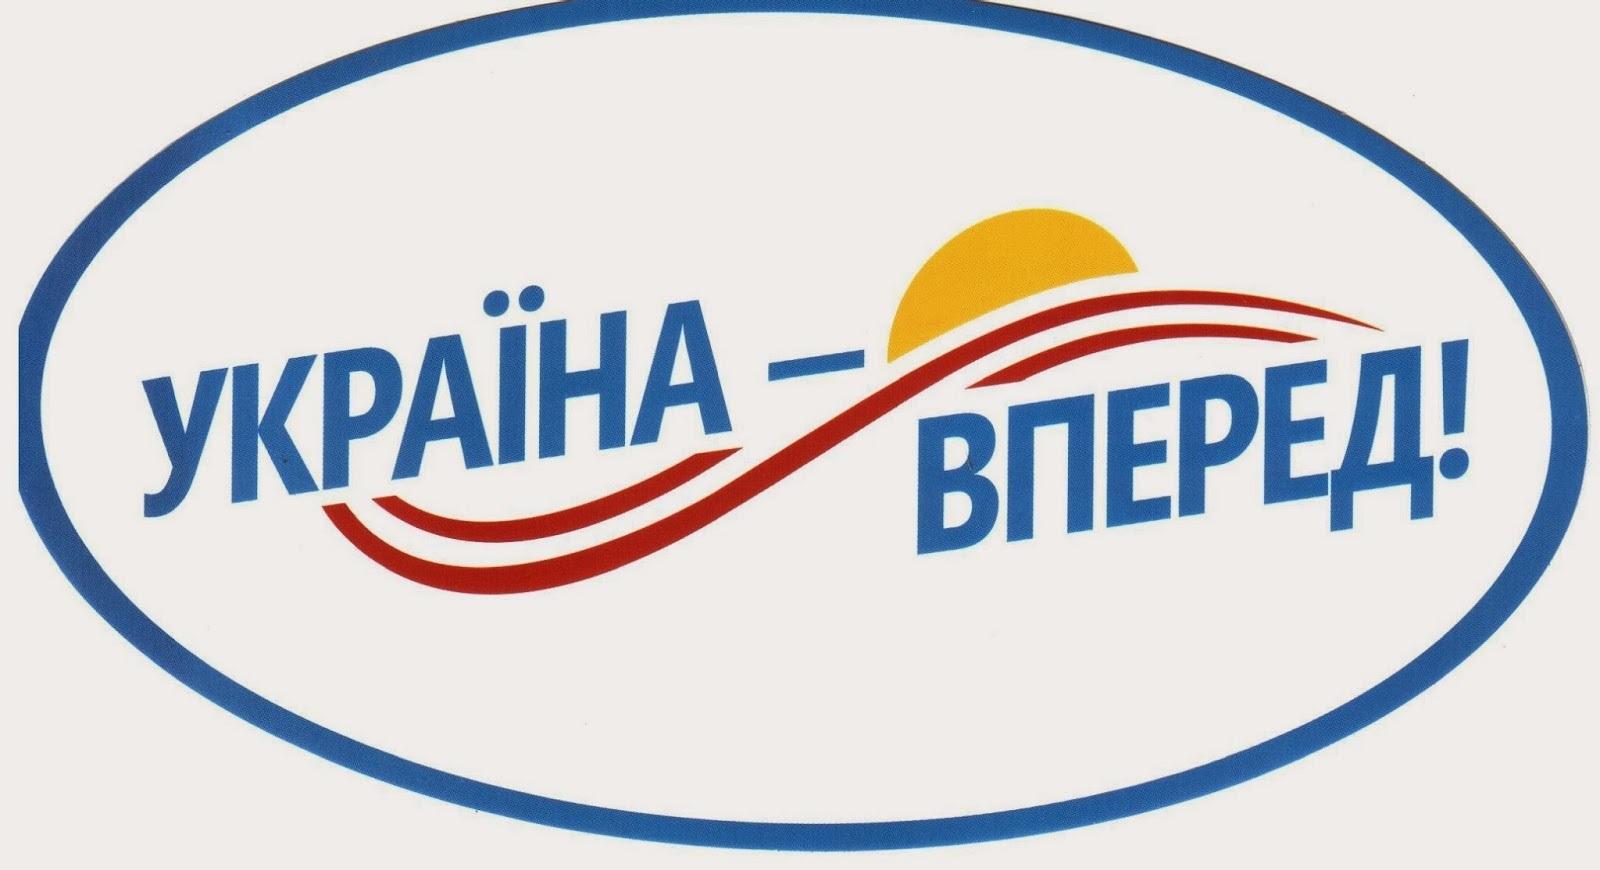 Украина - вперёд.jpg